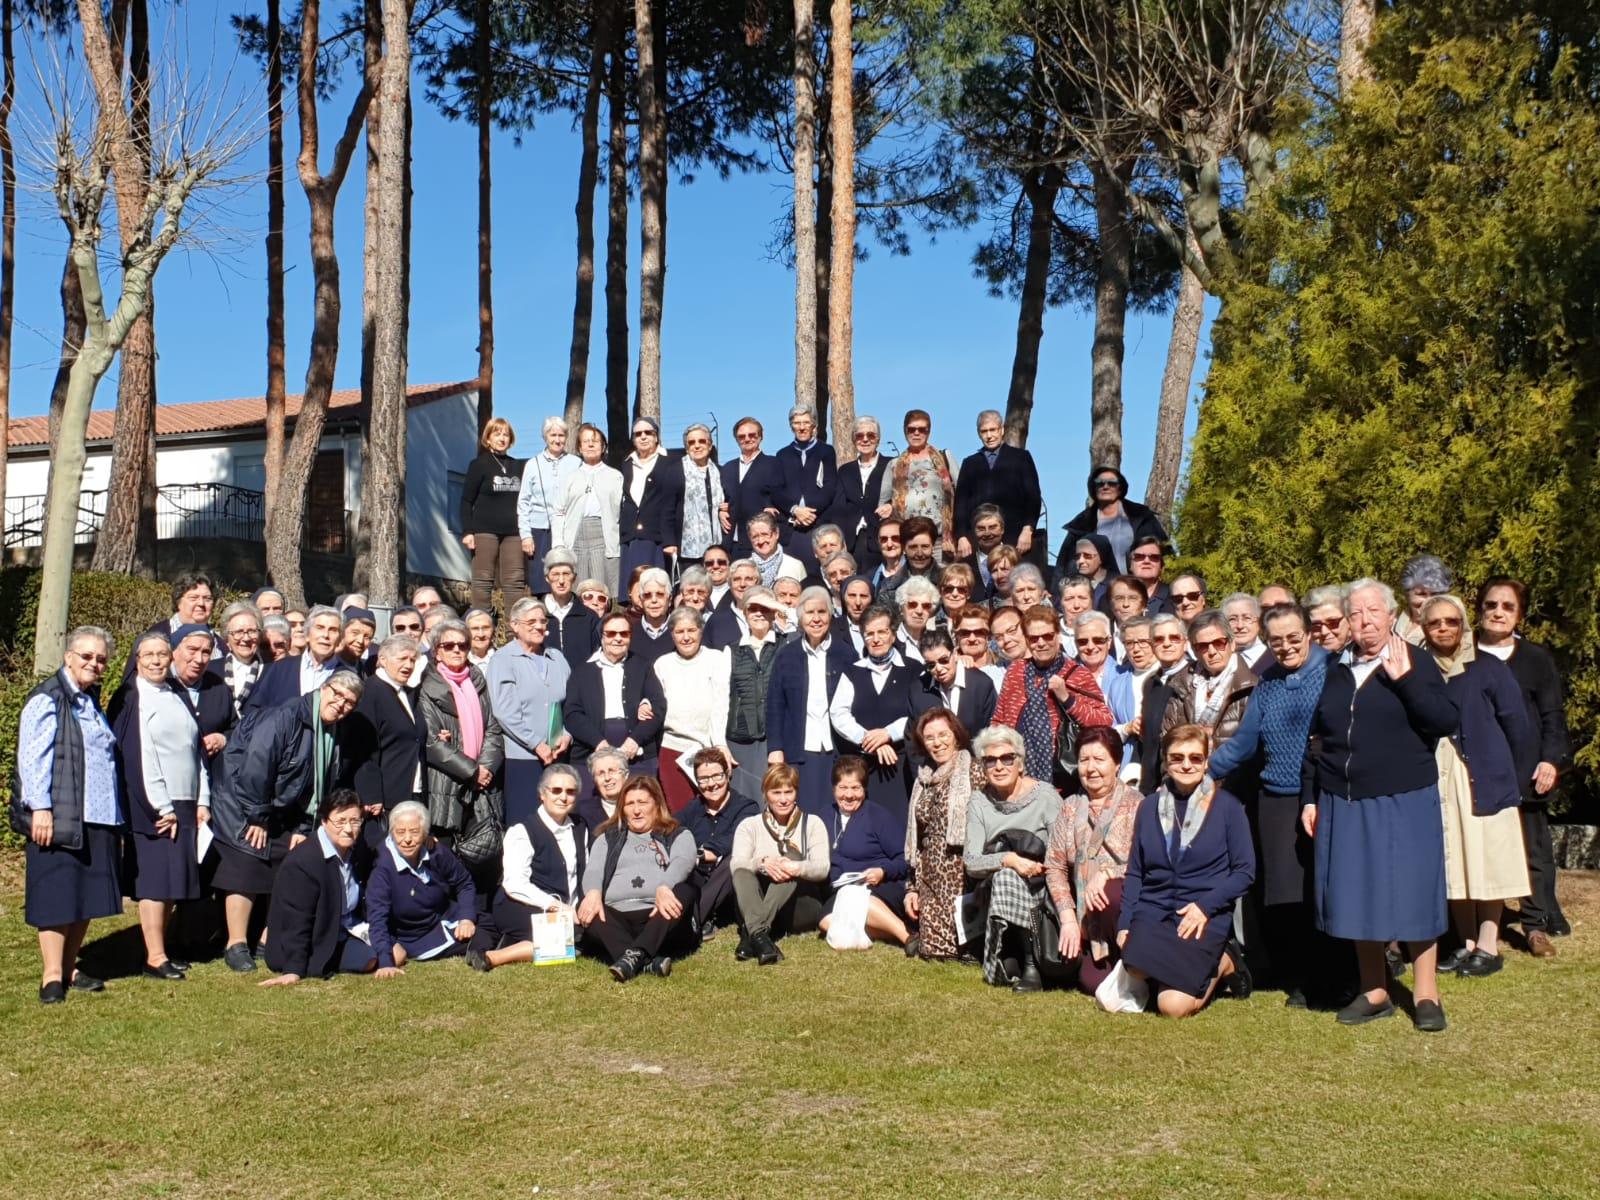 Jornadas Misioneras Interprovinciales en Ávila